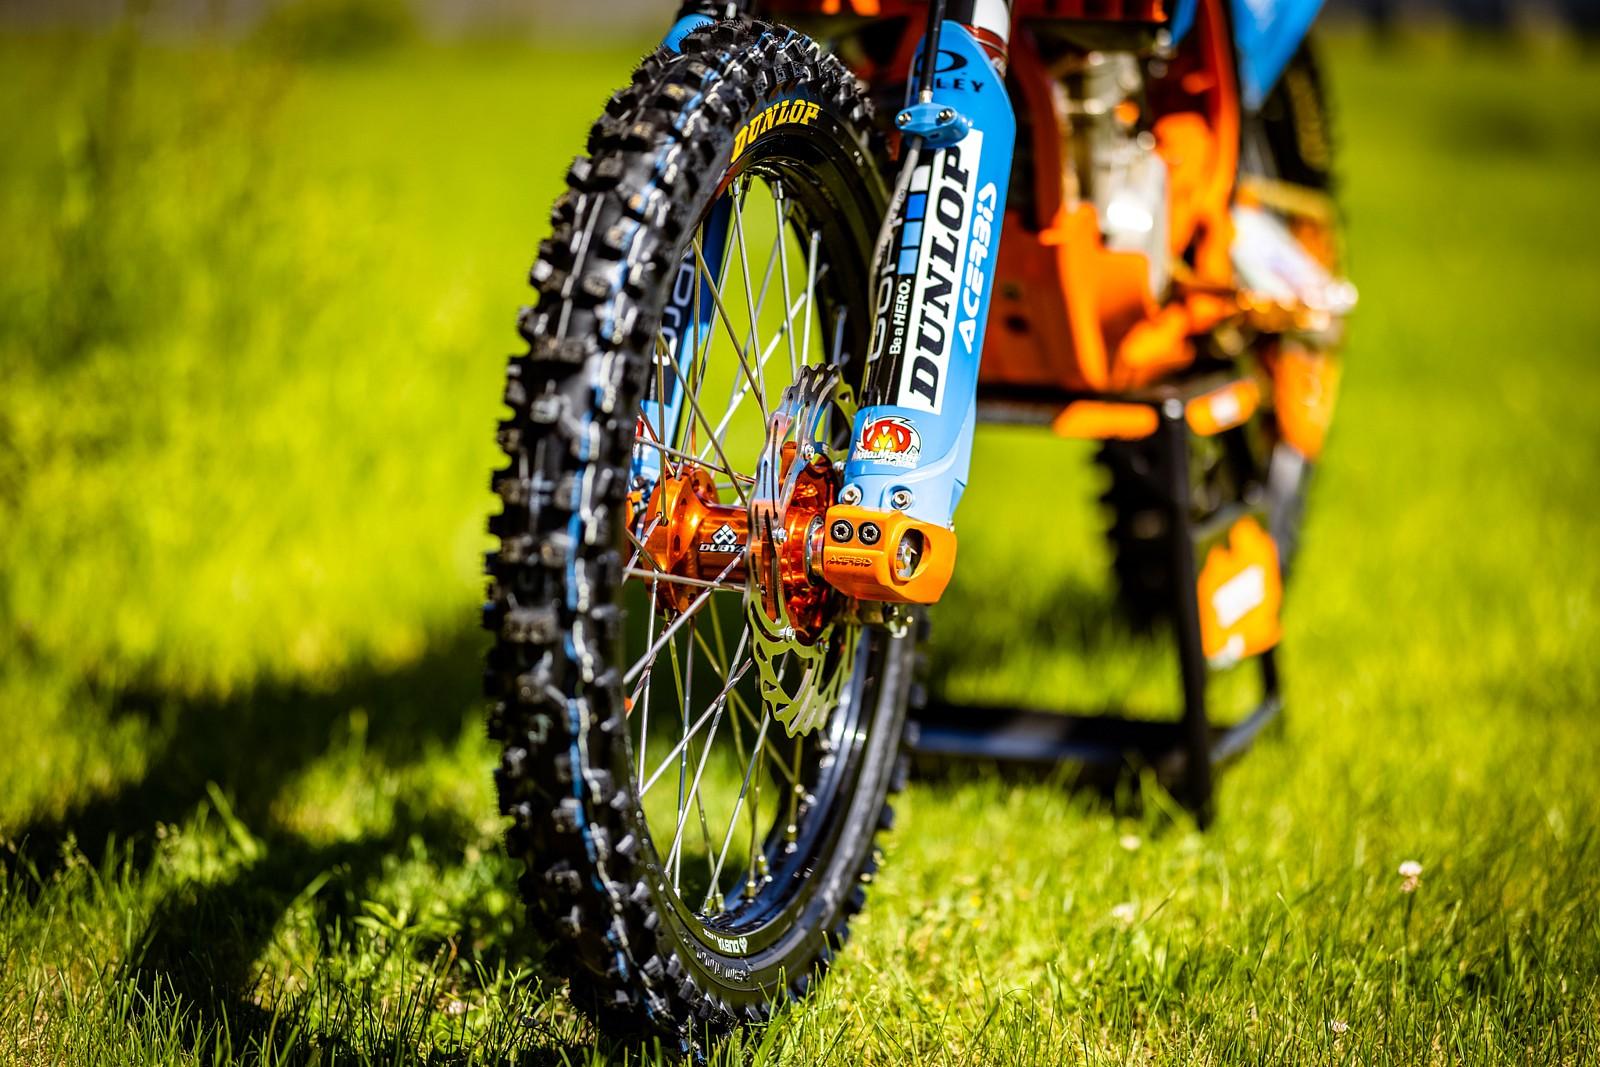 ktm 14 - GForce MMG - Motocross Pictures - Vital MX